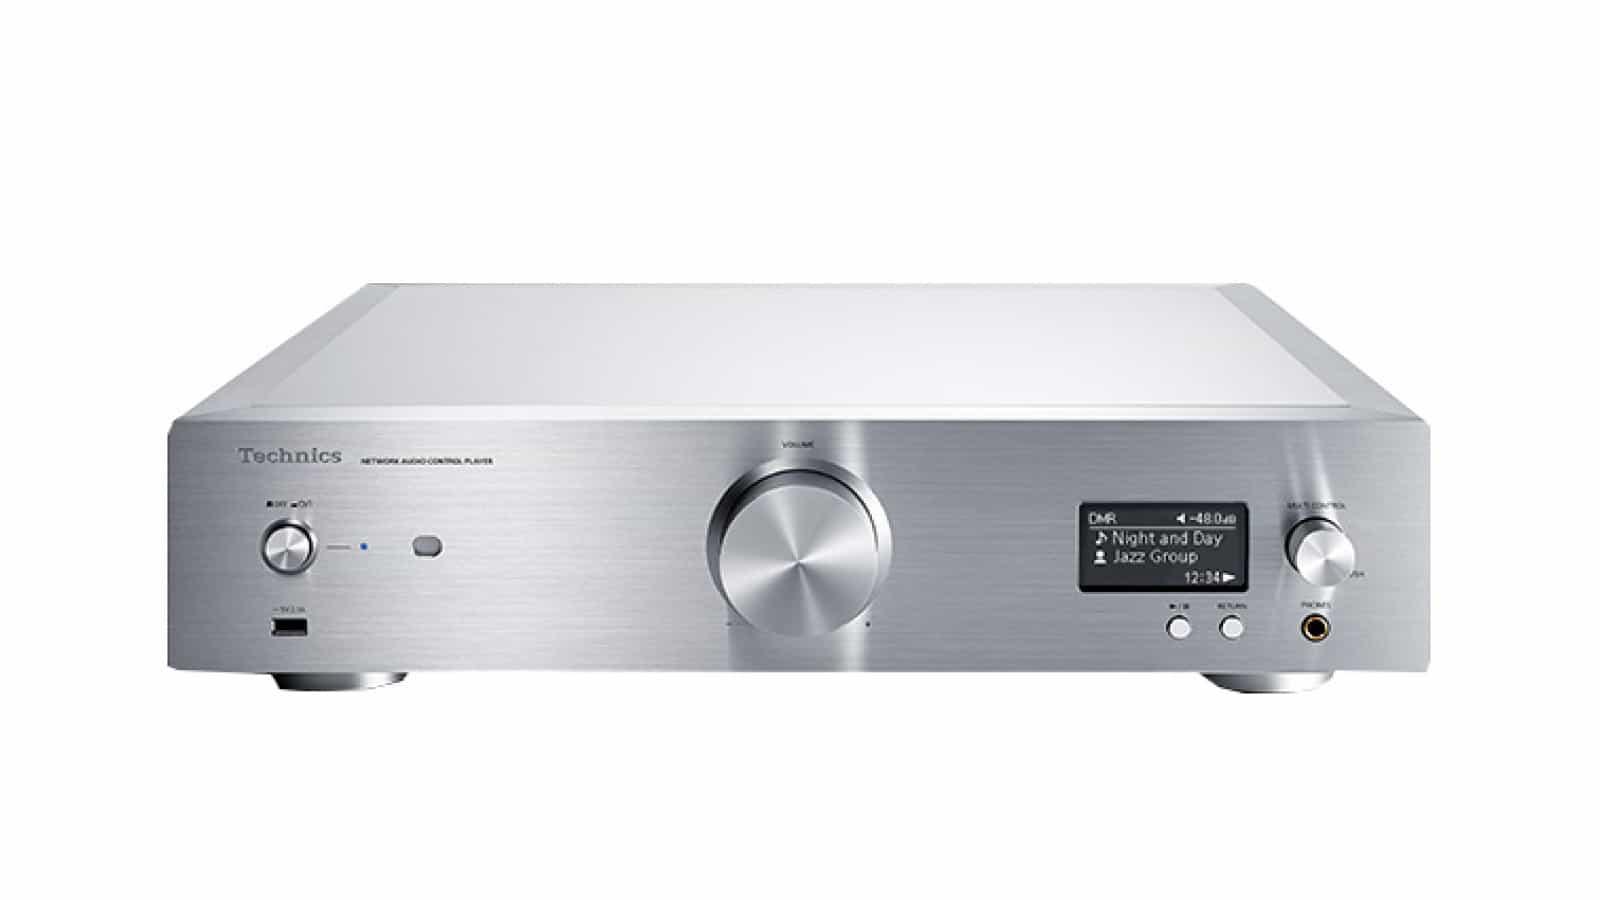 technics-network-audio-control-player-sur1